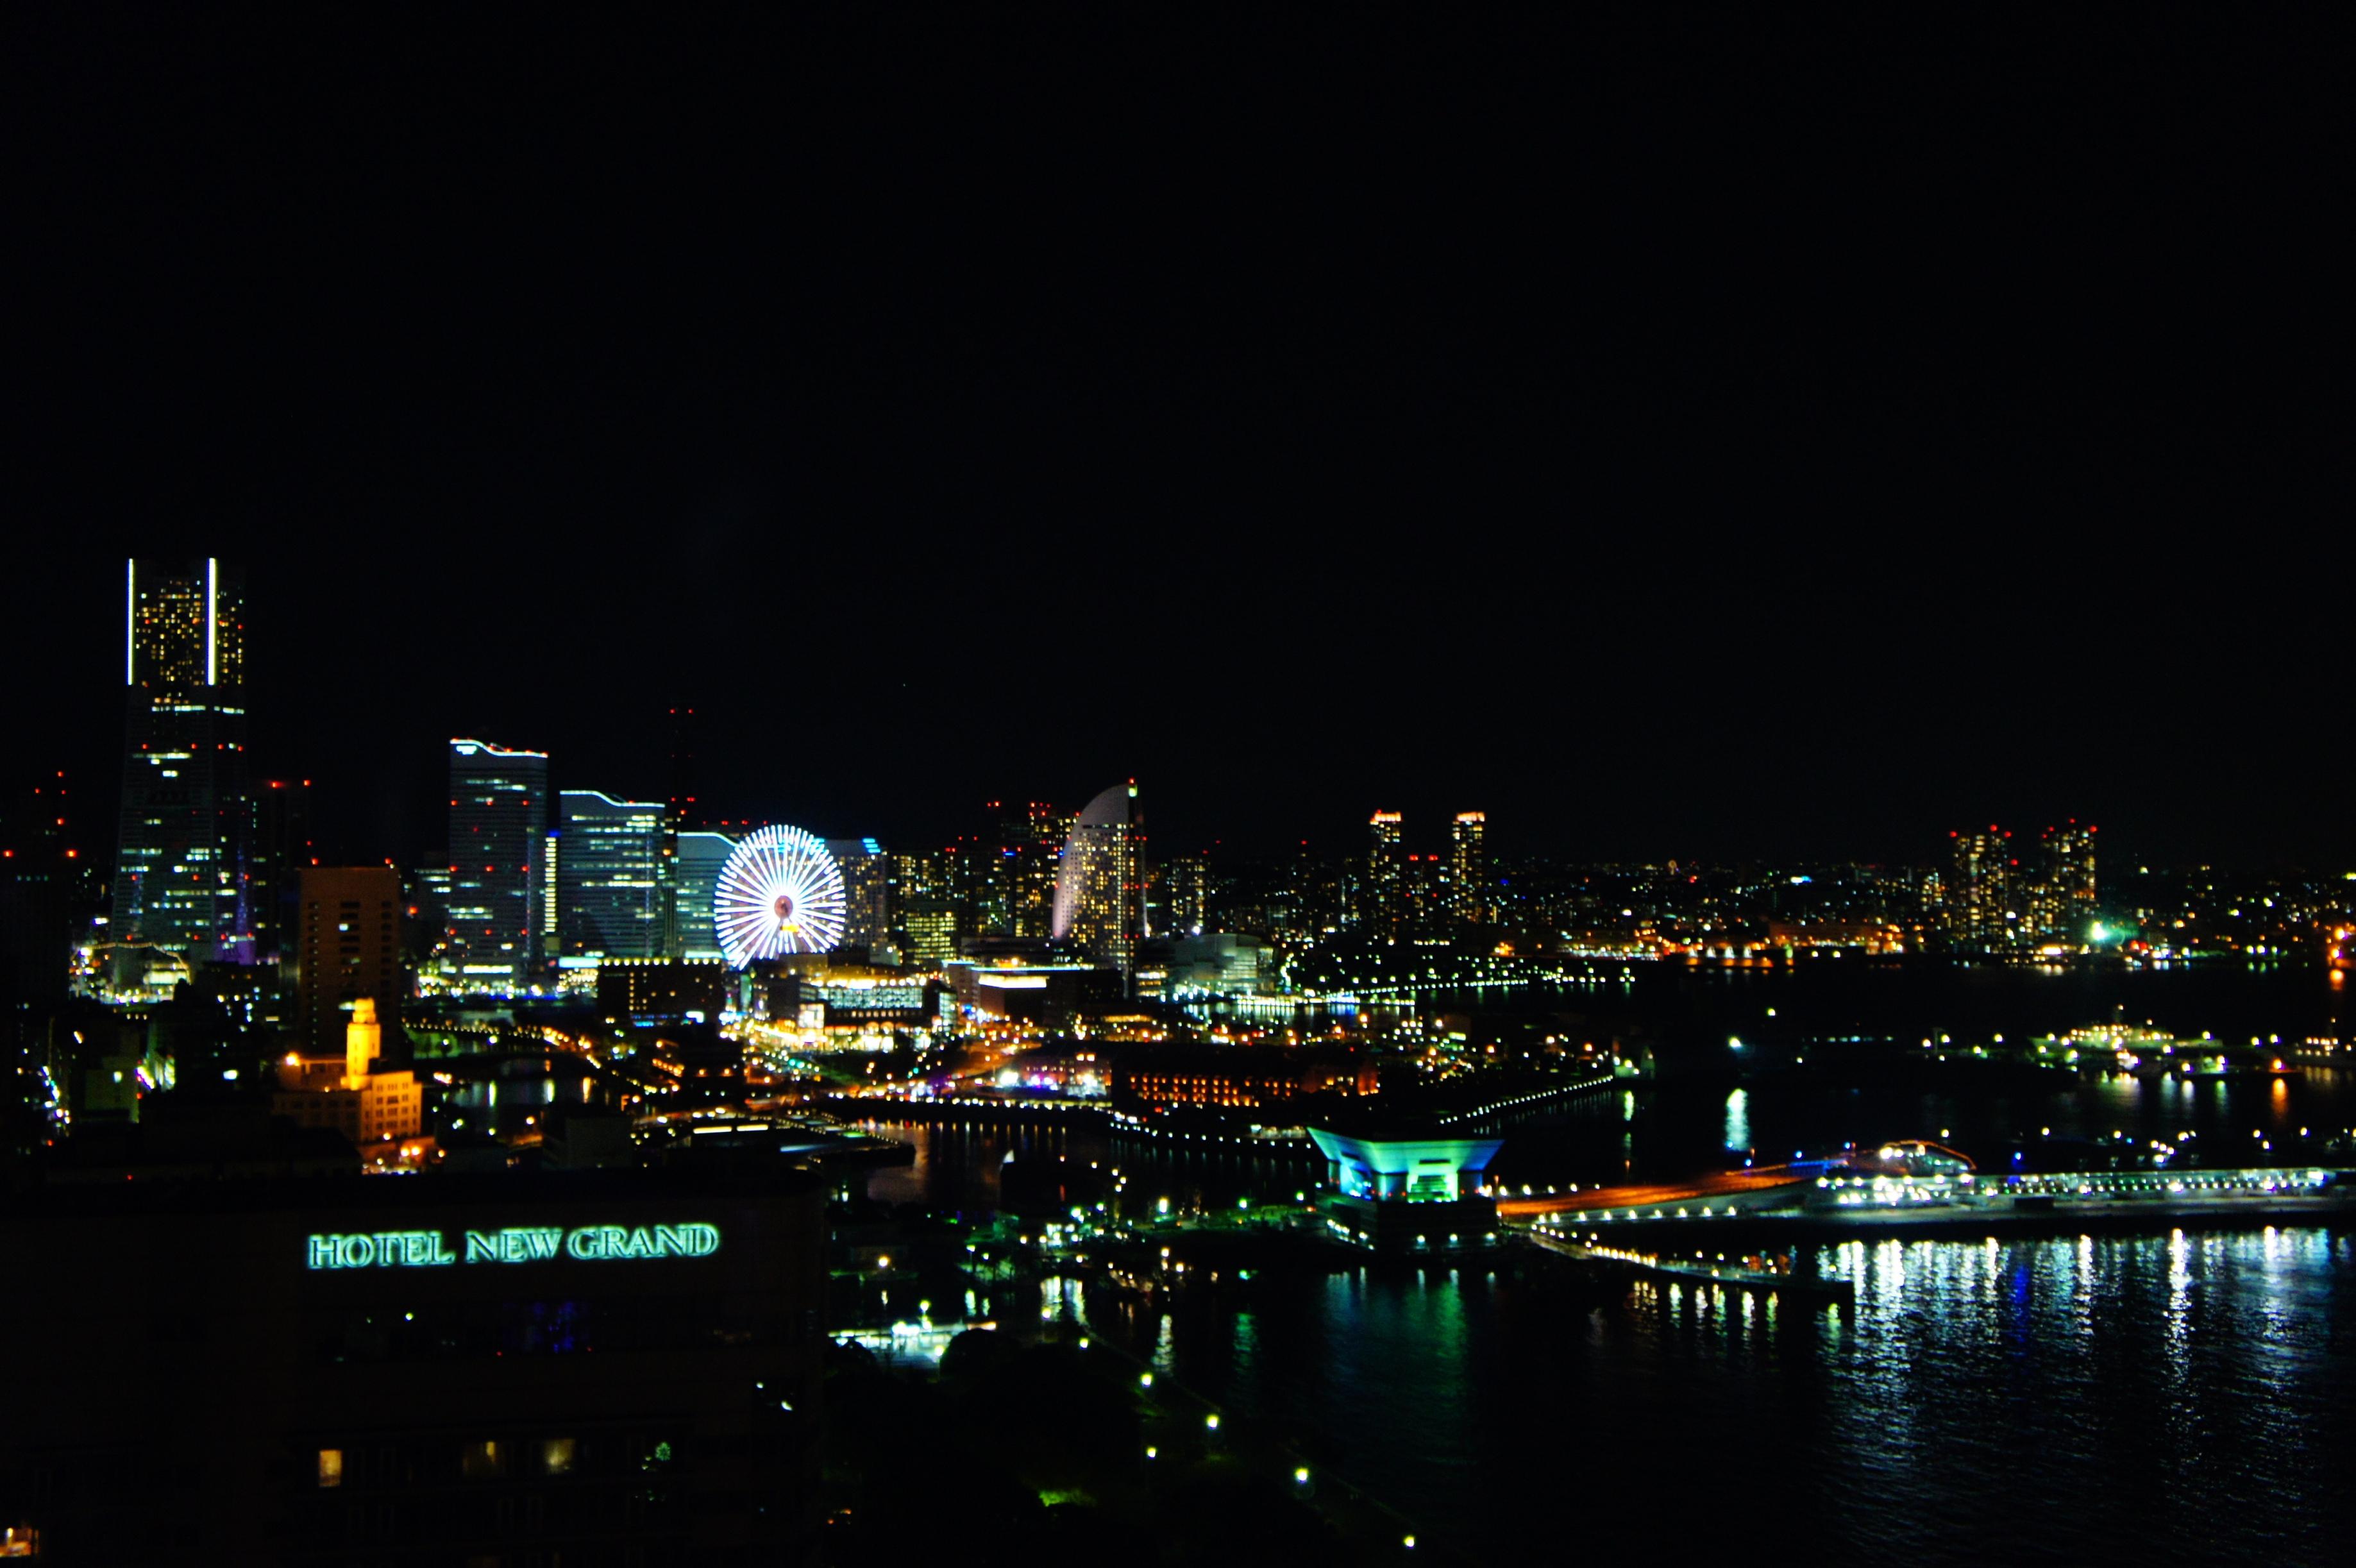 クリスマスパーティ!! at 横浜 マリンタワー[3]